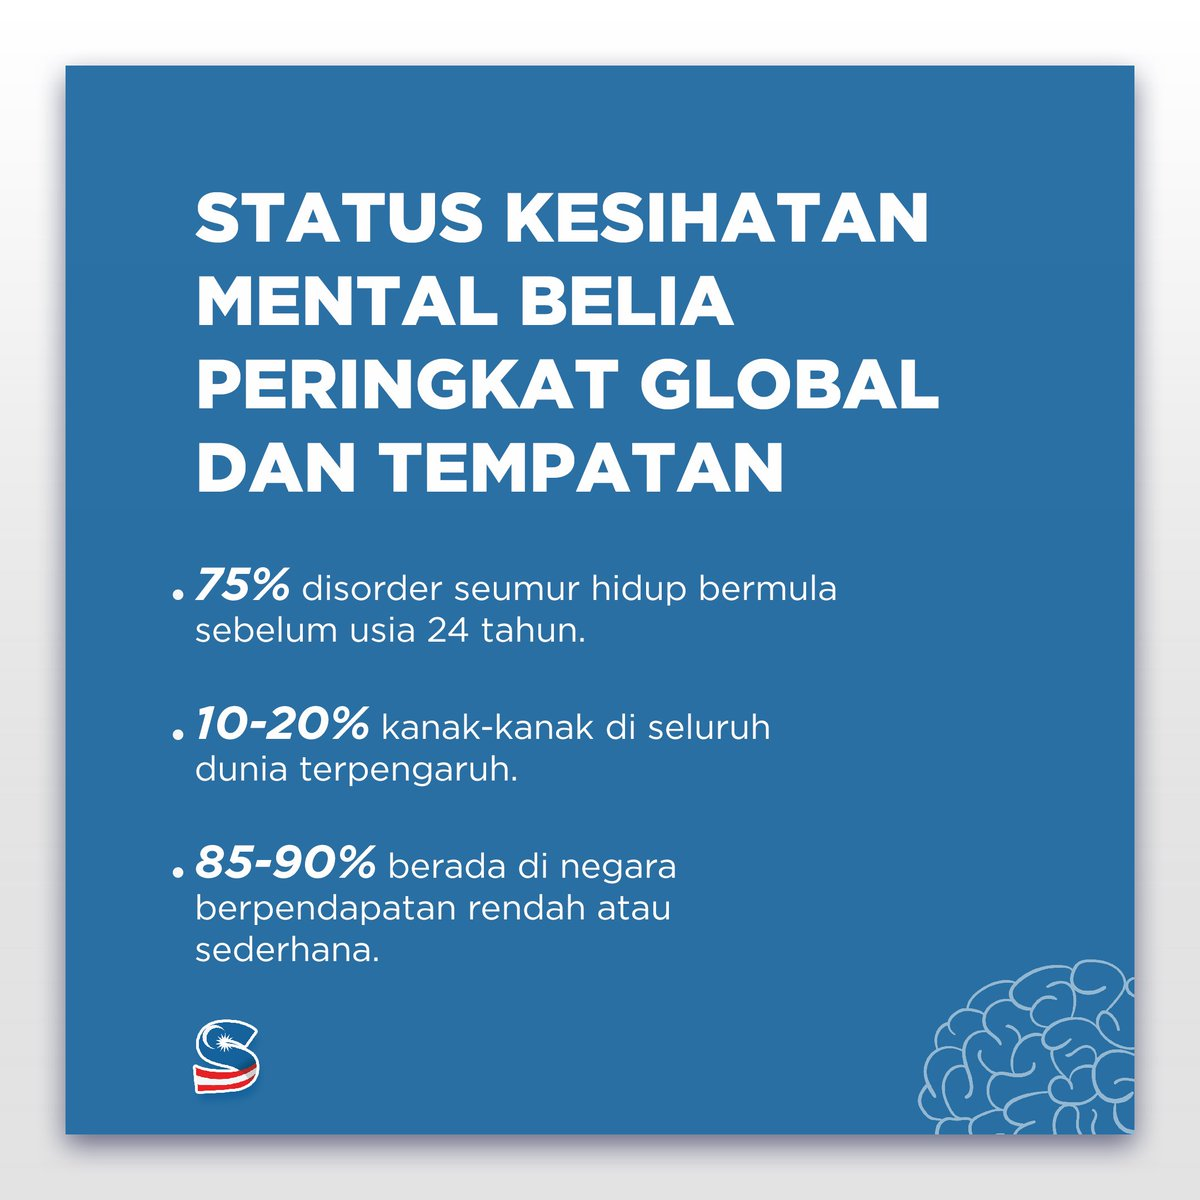 RT teamsaddiq: KESIHATAN MENTAL? APA? BAGAIMANA?   Ikuti thread ini untuk maklumat lebih lanjut.  1. Status Kesihatan Mental Belia Peringkat Global dan Tempatan  #areyouokay #LetsTalk